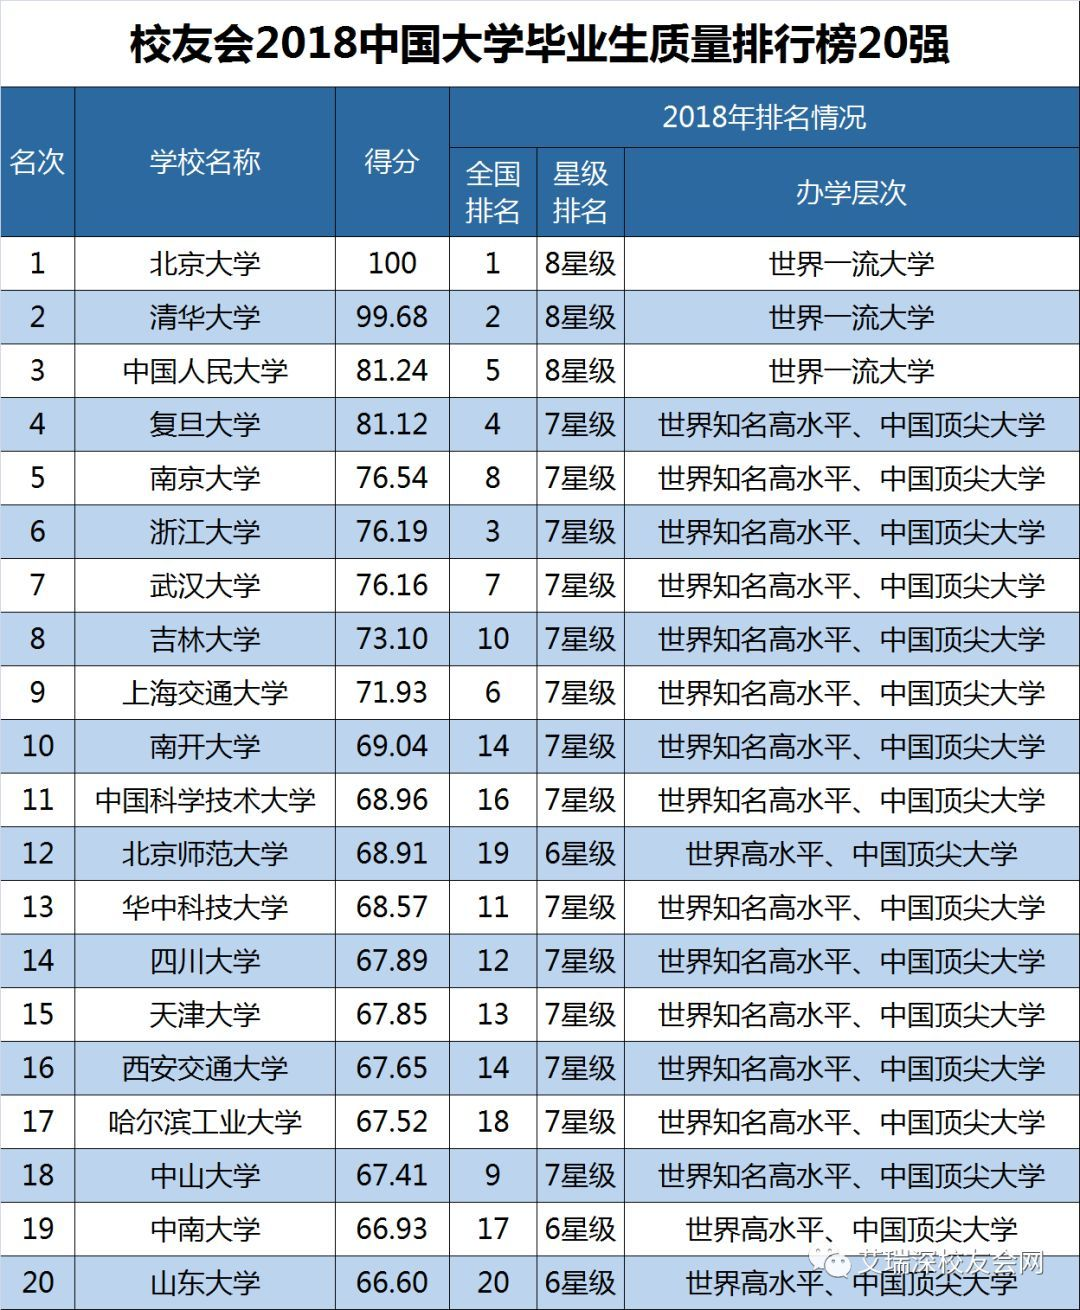 《2018中国大学教学质量评价报告(排名)》